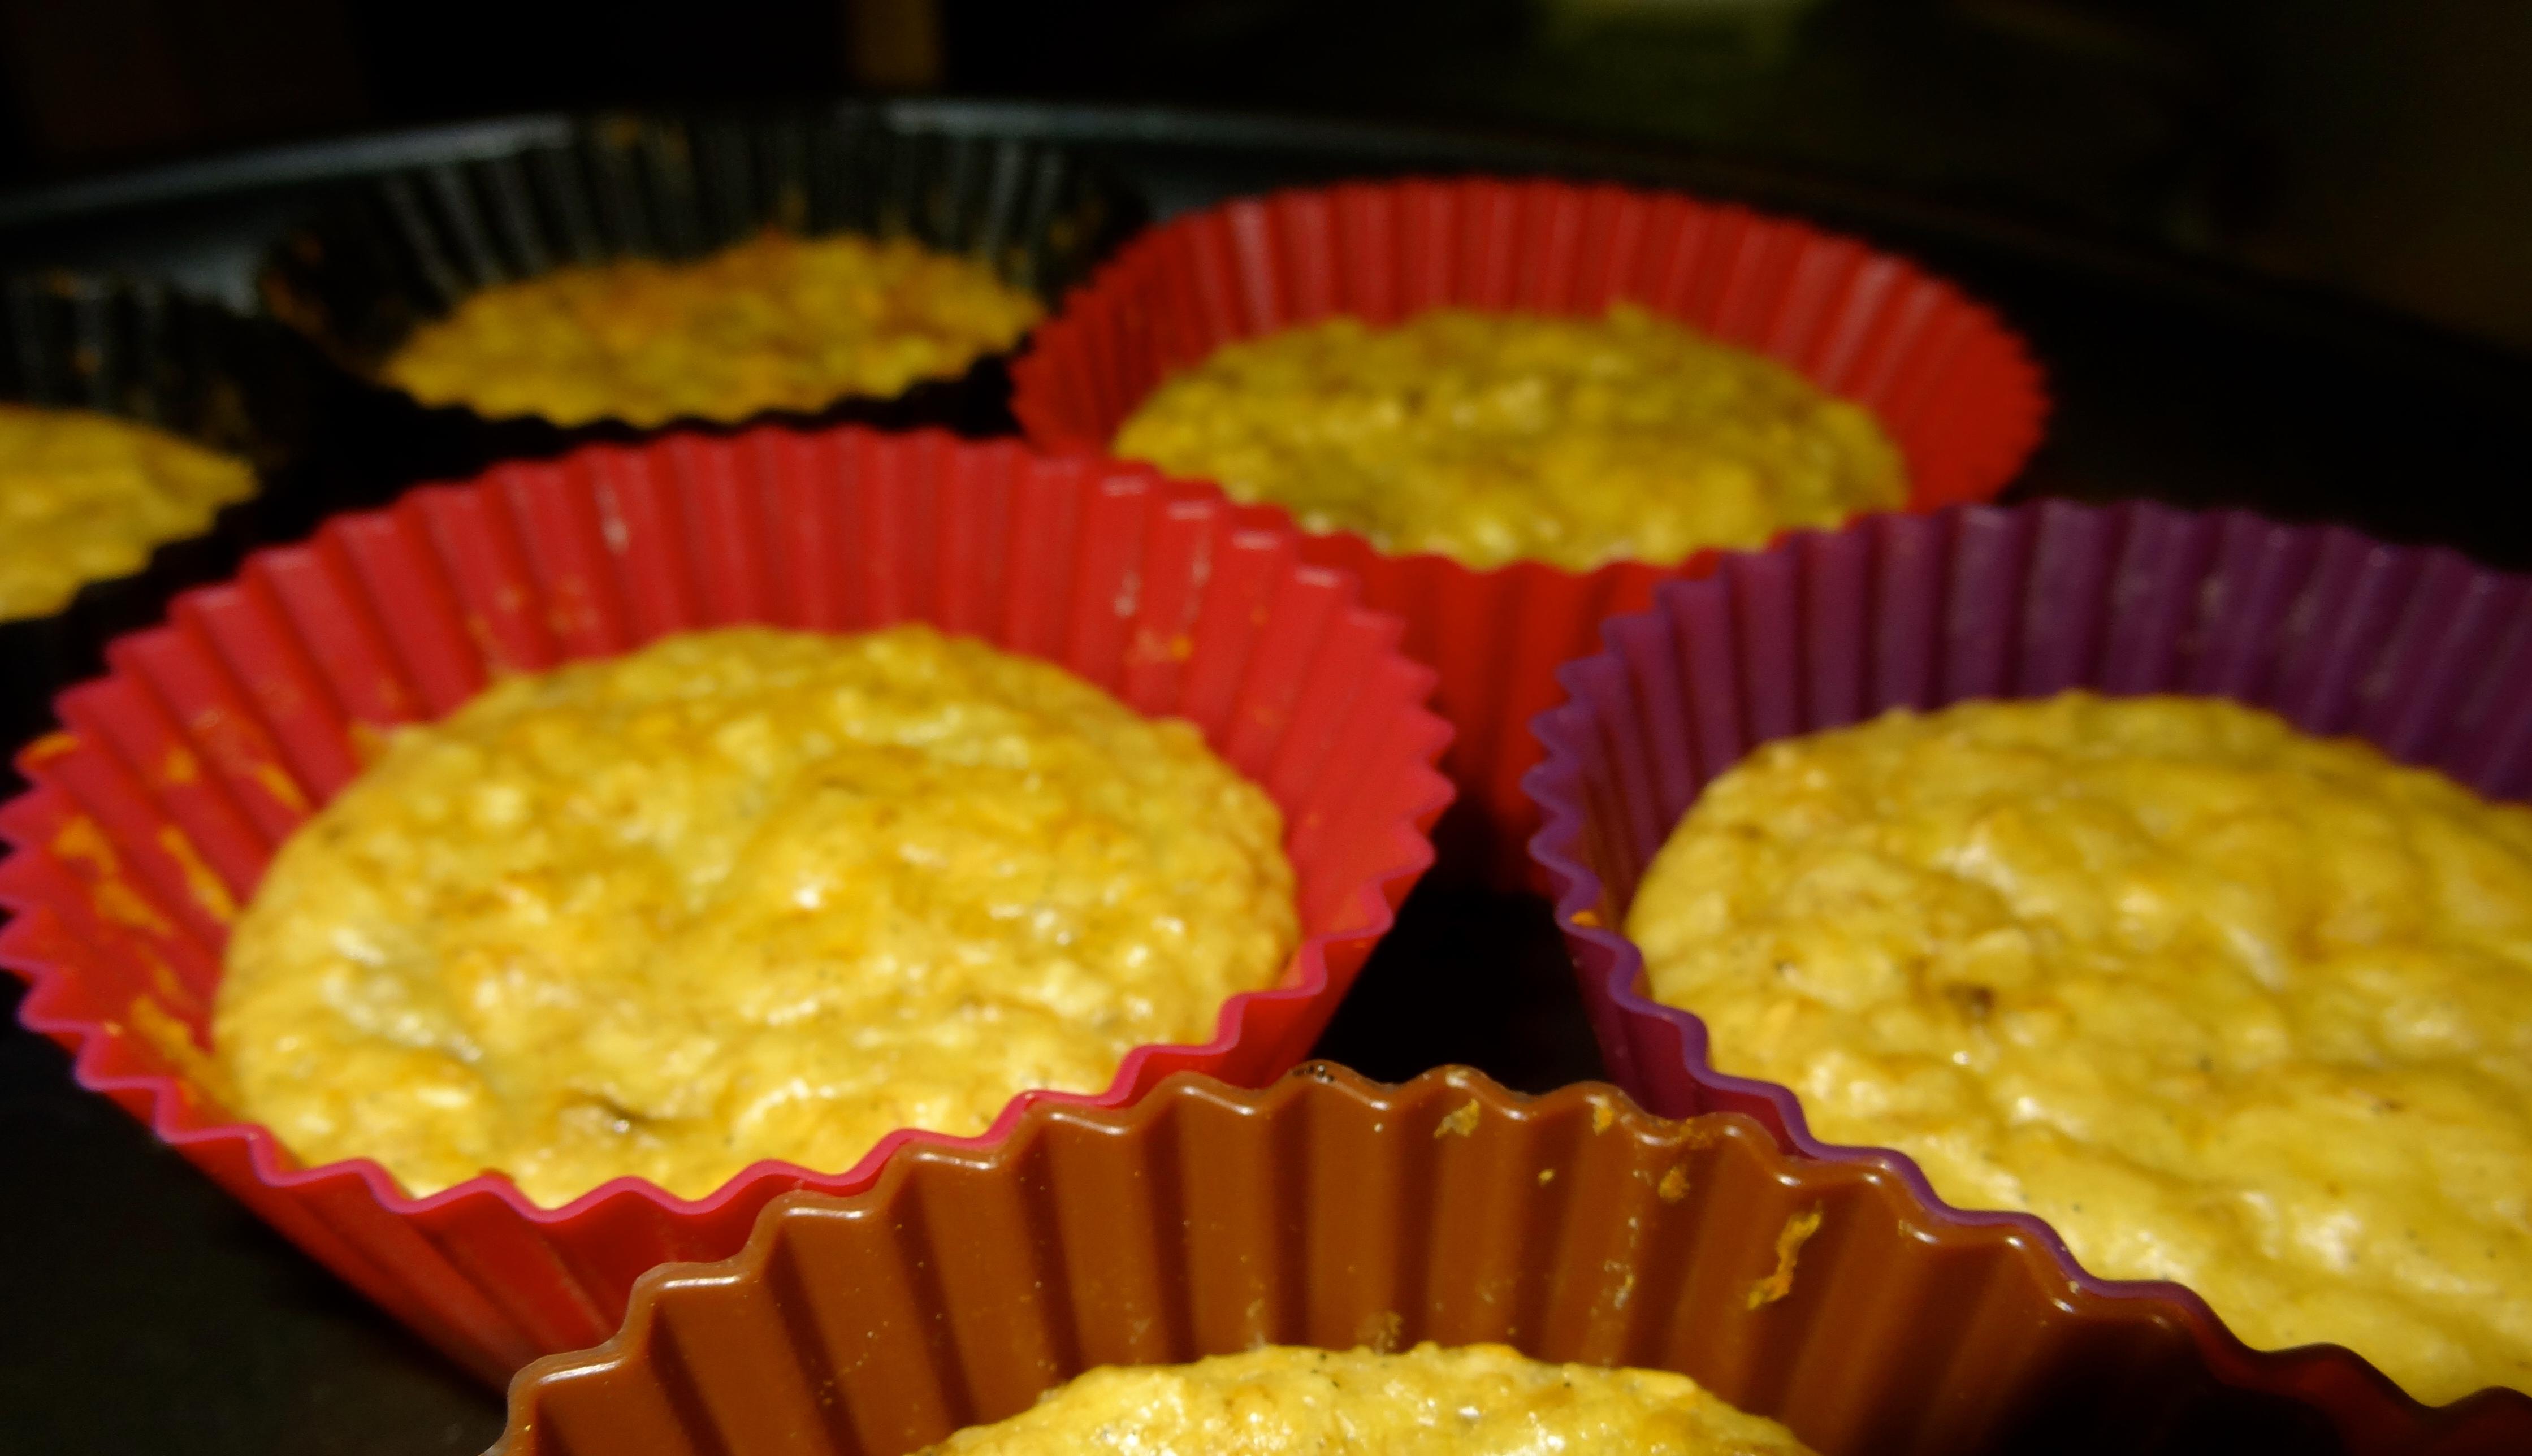 Muffins à la banane